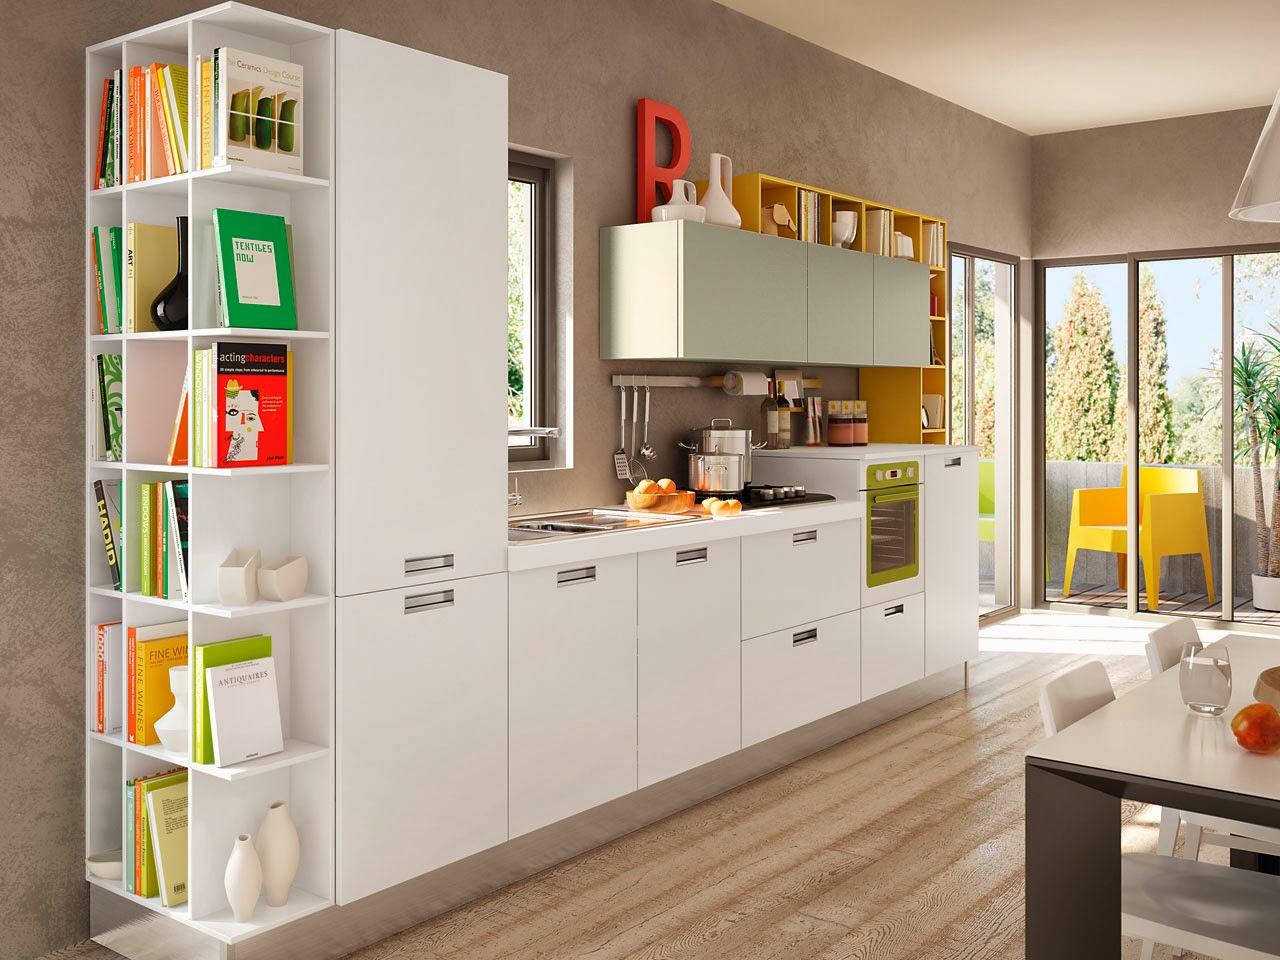 Soggiorno E Cucina Insieme: Cucina open space (foto 4/40) tempo libero ...